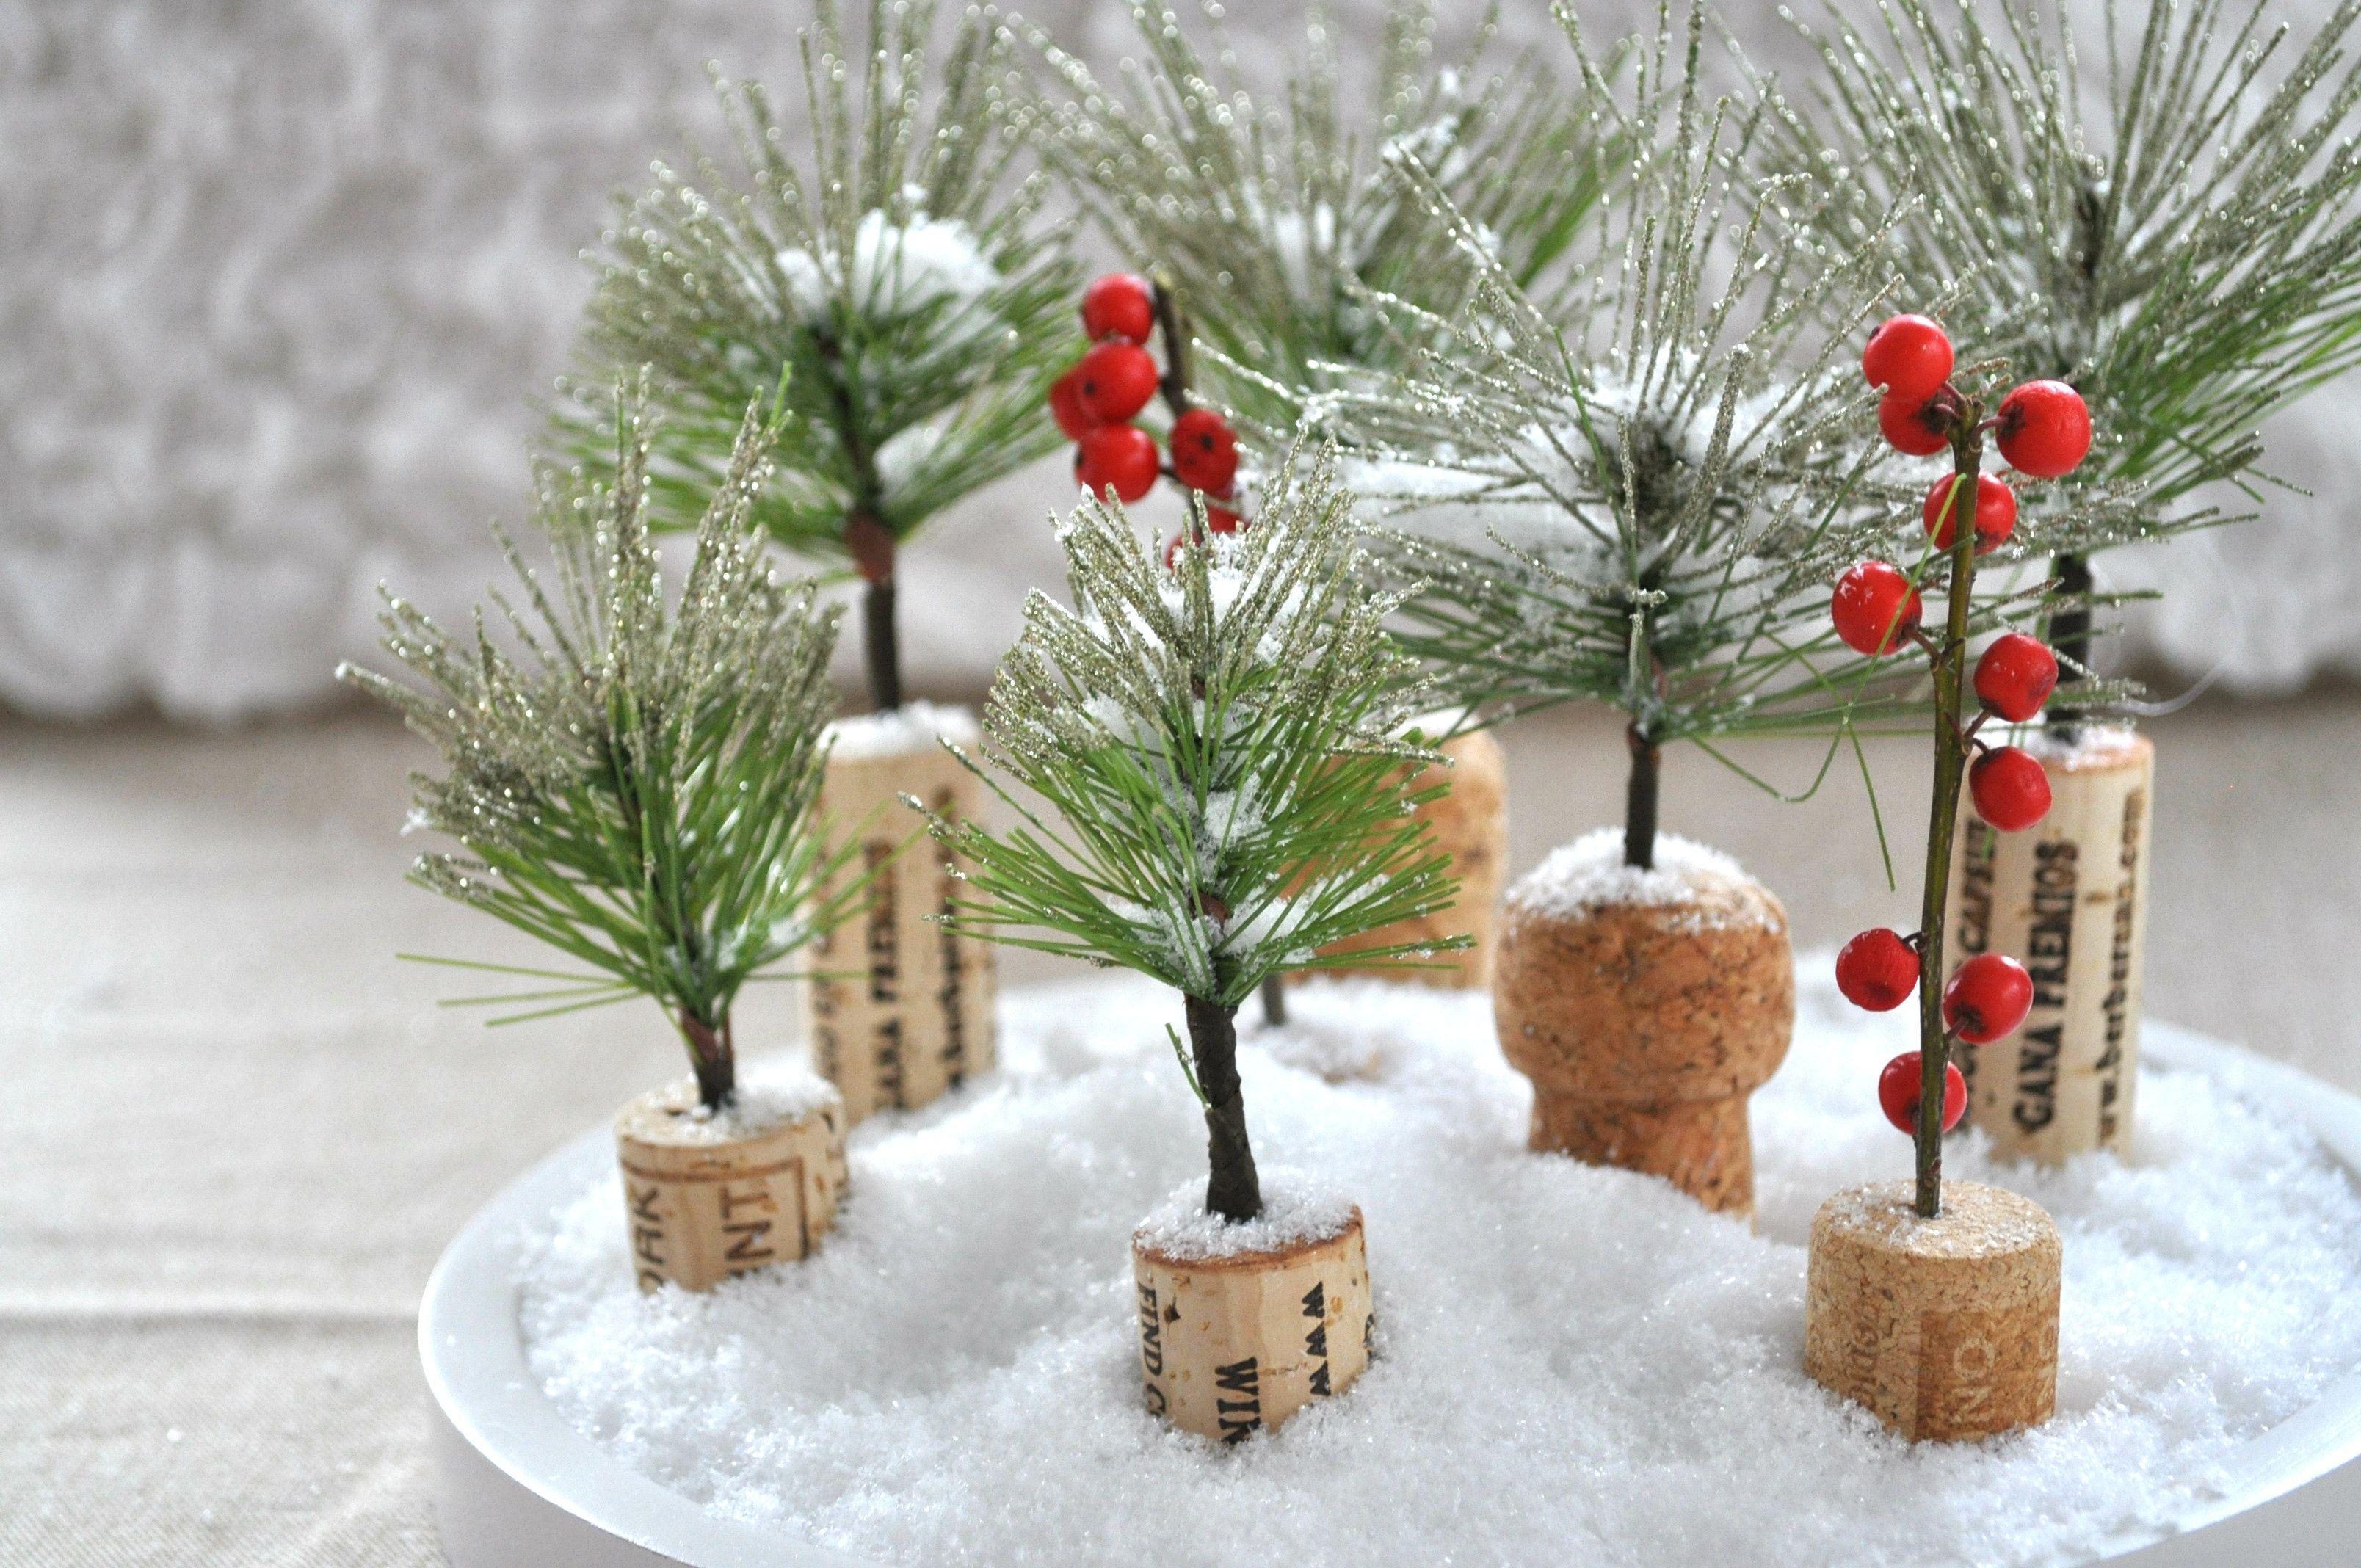 Mini kerstboompjes maken van kurk & guirlande - Christmaholic.nl